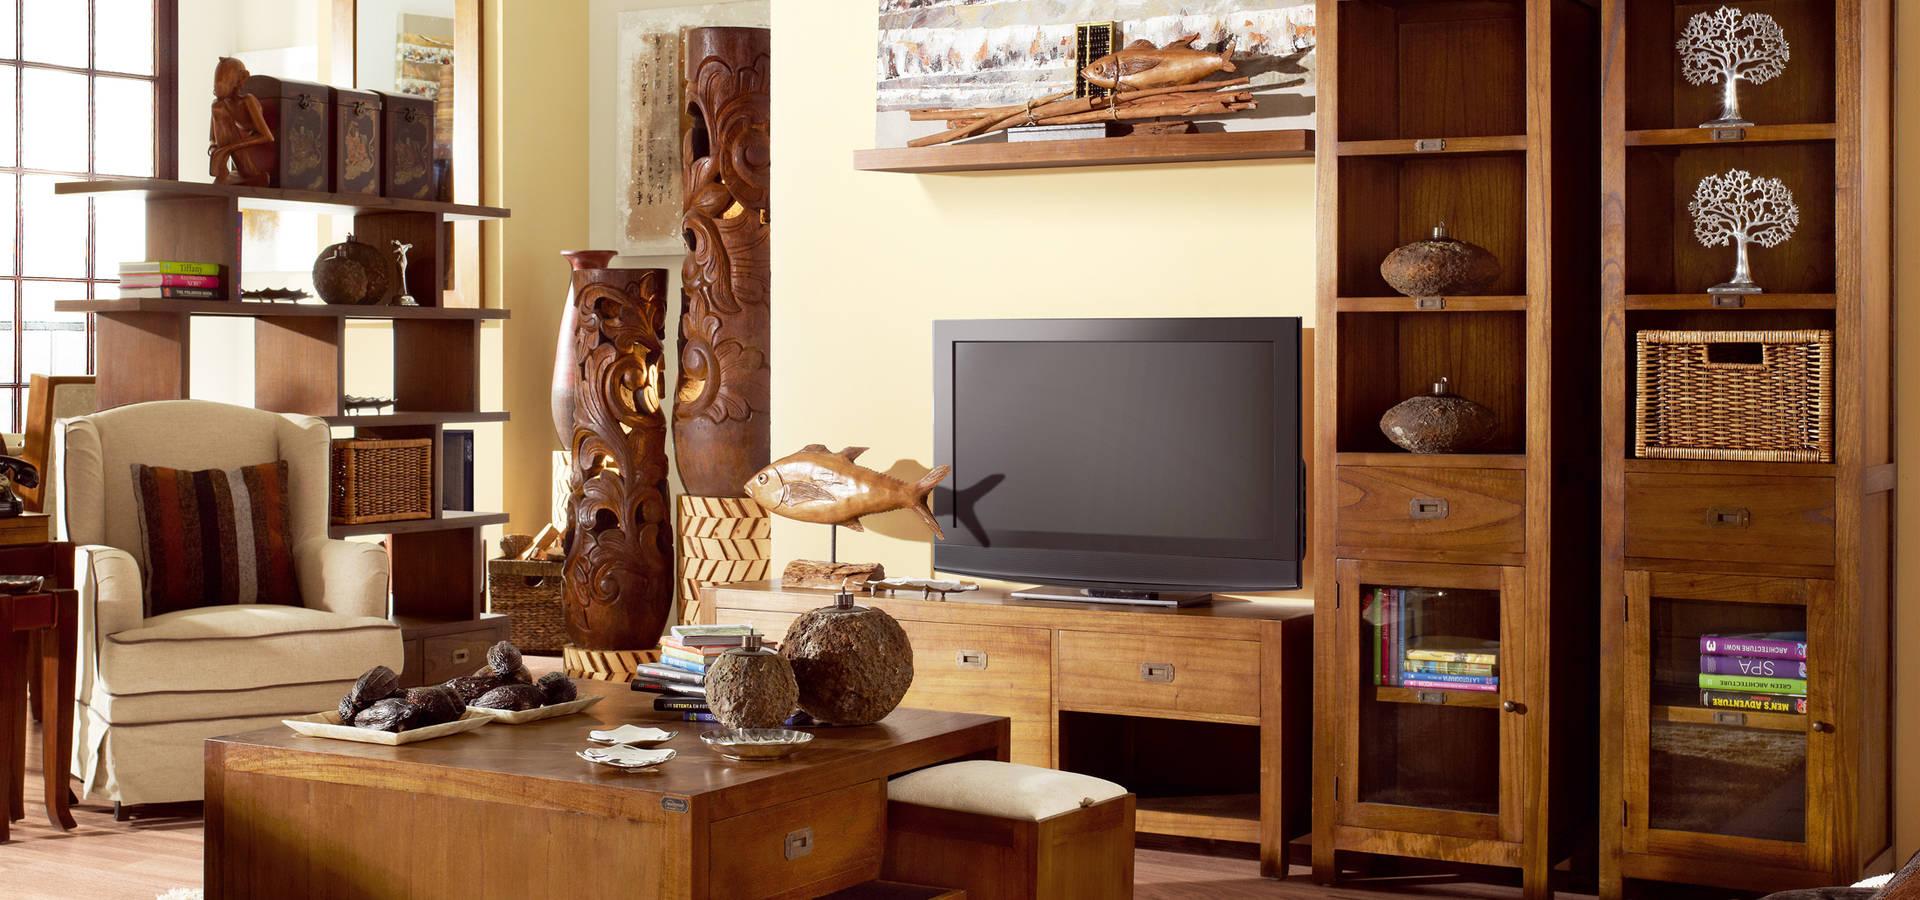 Rustico colonial muebles y accesorios en alca iz homify for Muebles alcaniz